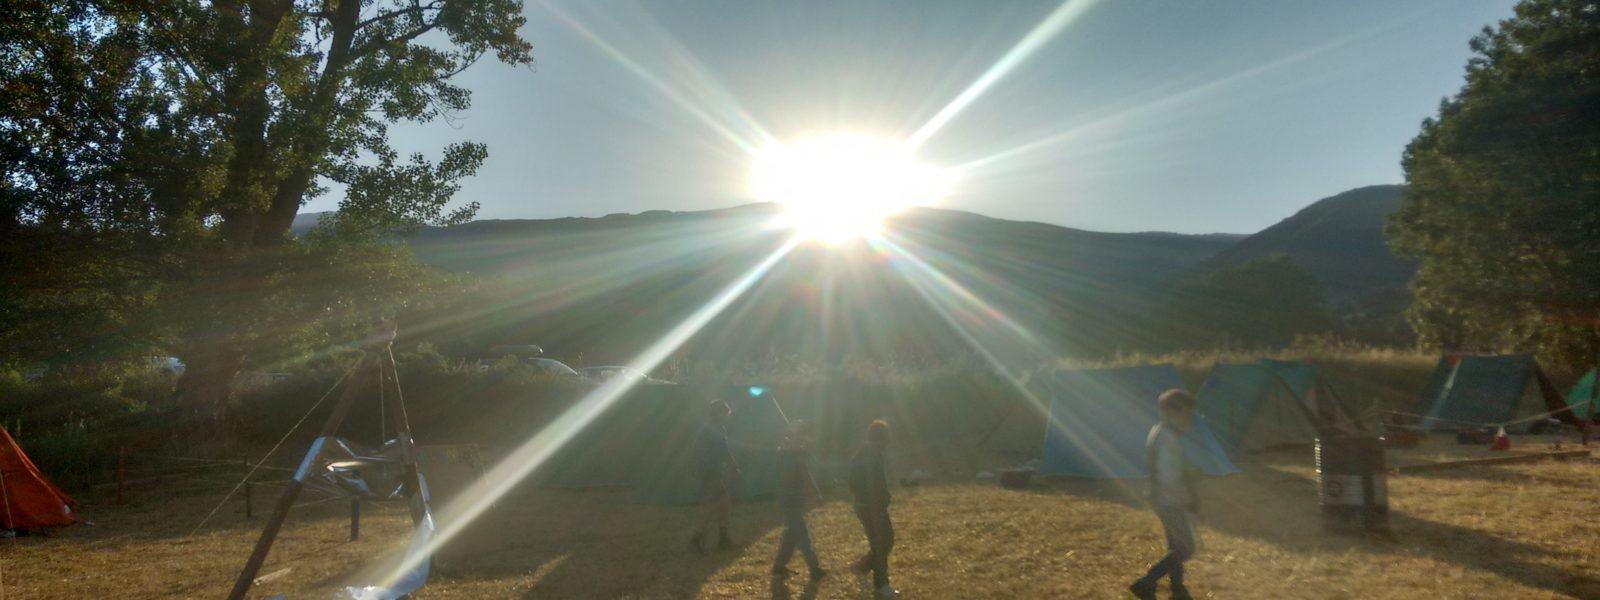 Amanece en el campamento 2016